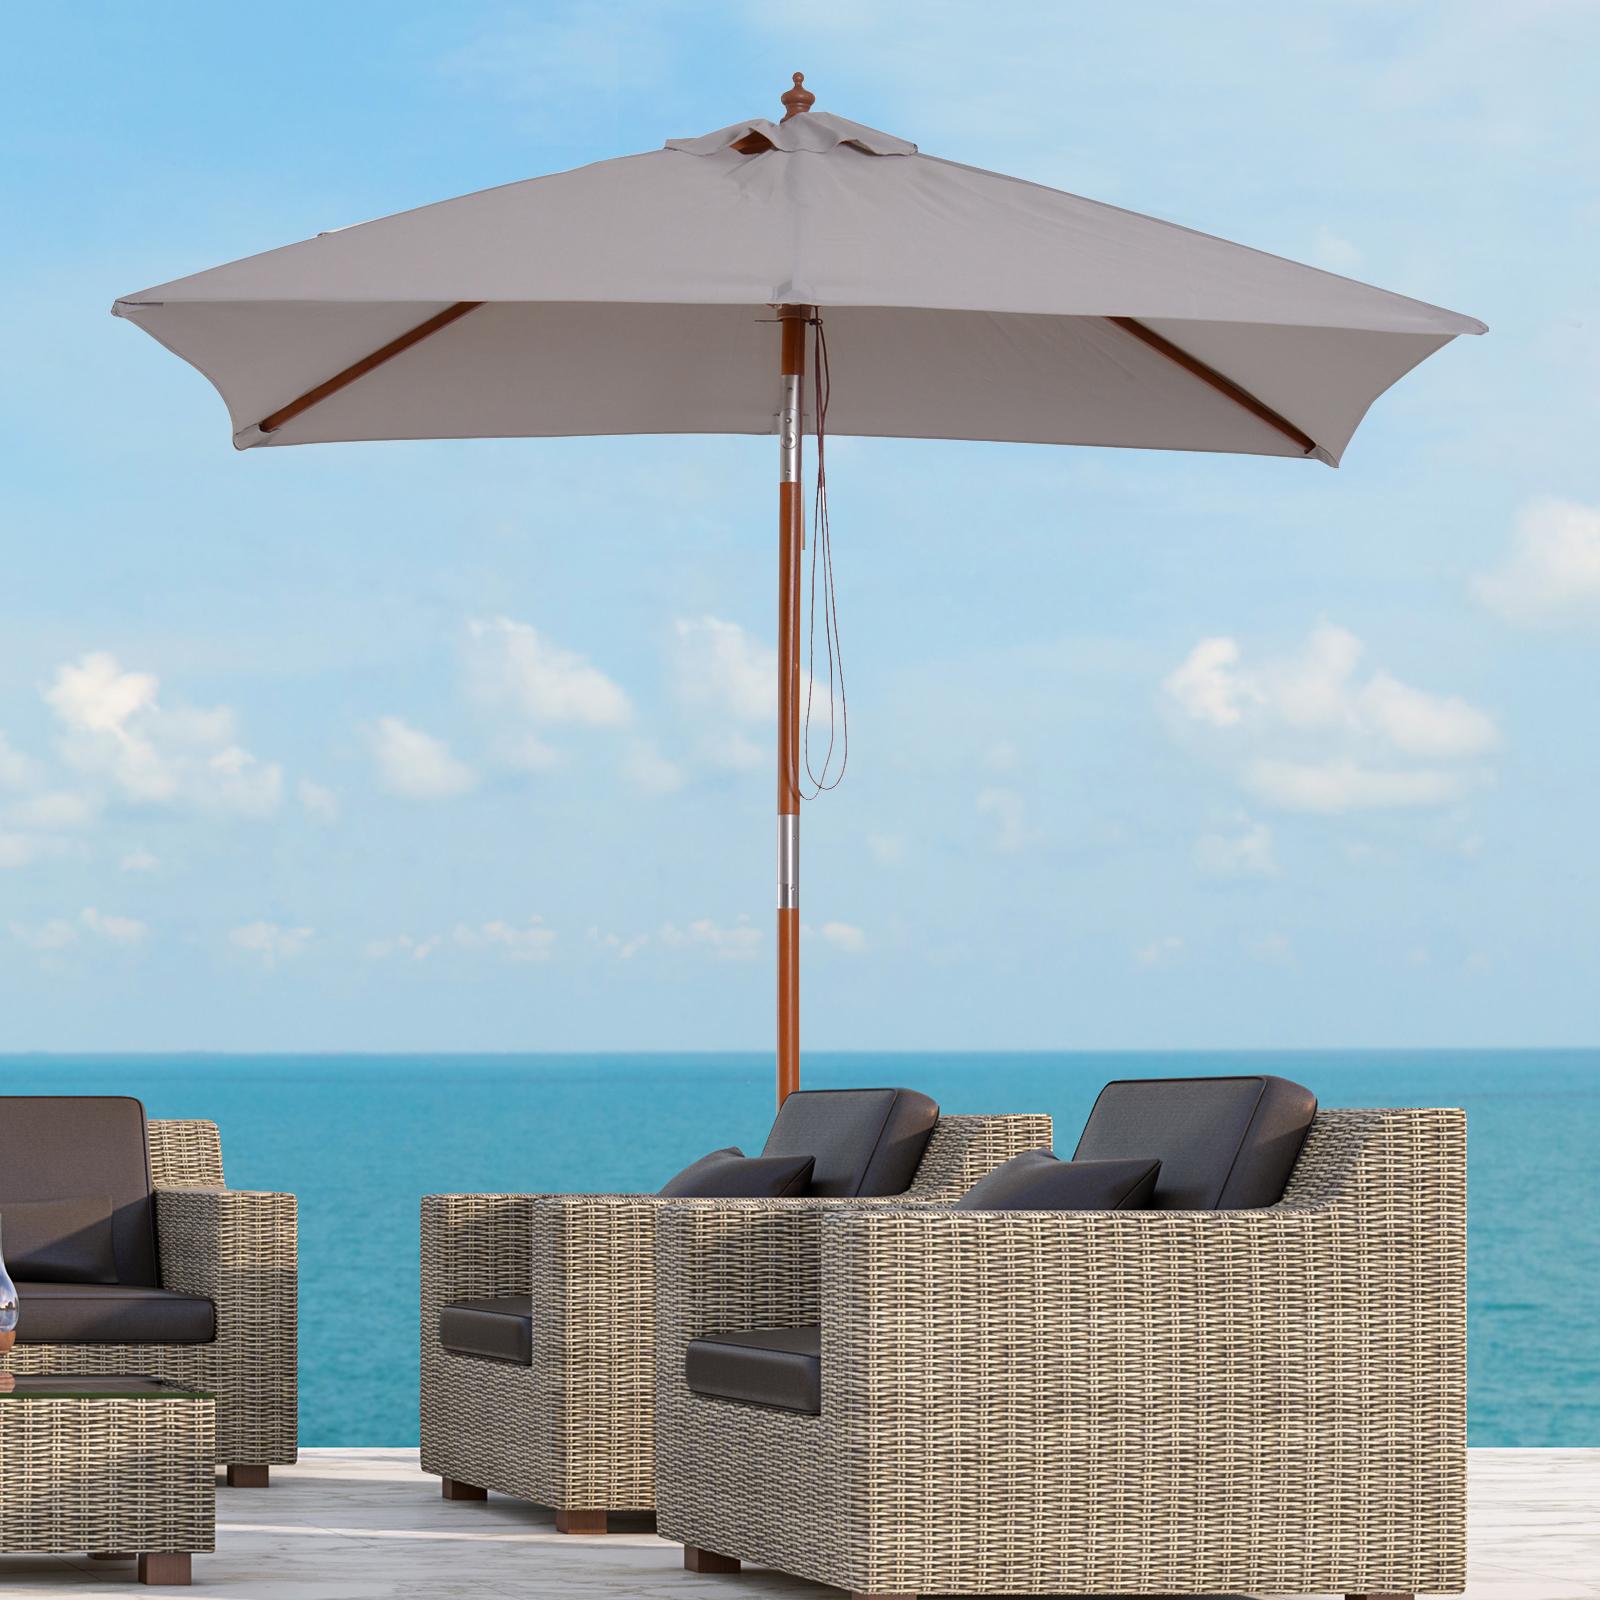 outsunny 2x1 5m wooden patio umbrella parasol outdoor sunshade 6 ribs grey